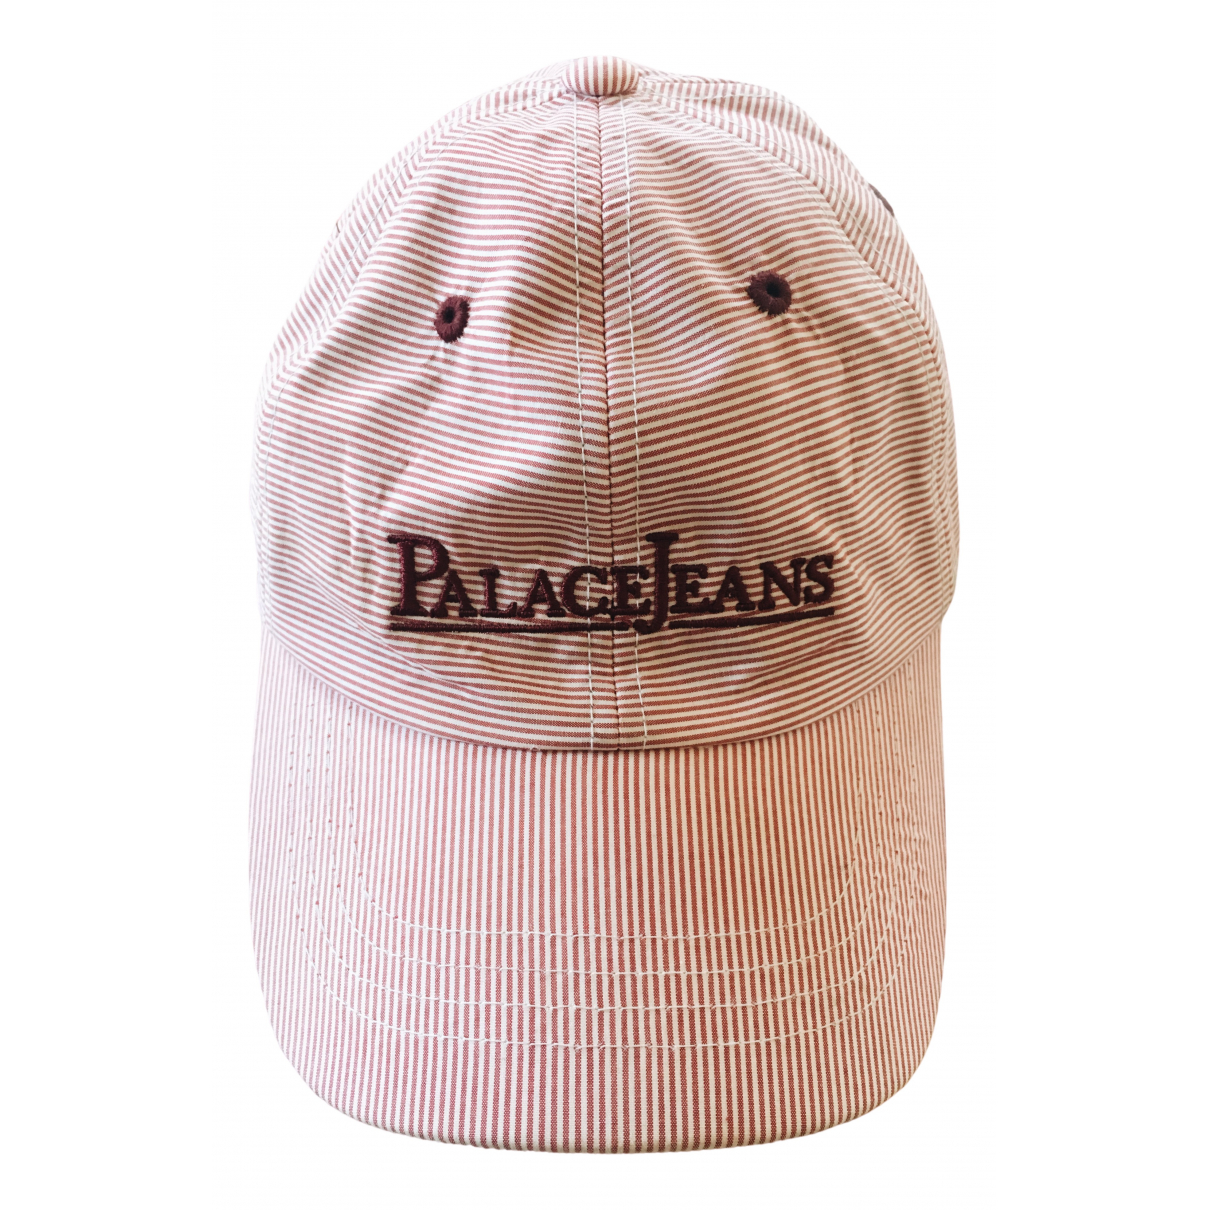 Palace - Chapeau & Bonnets   pour homme - multicolore